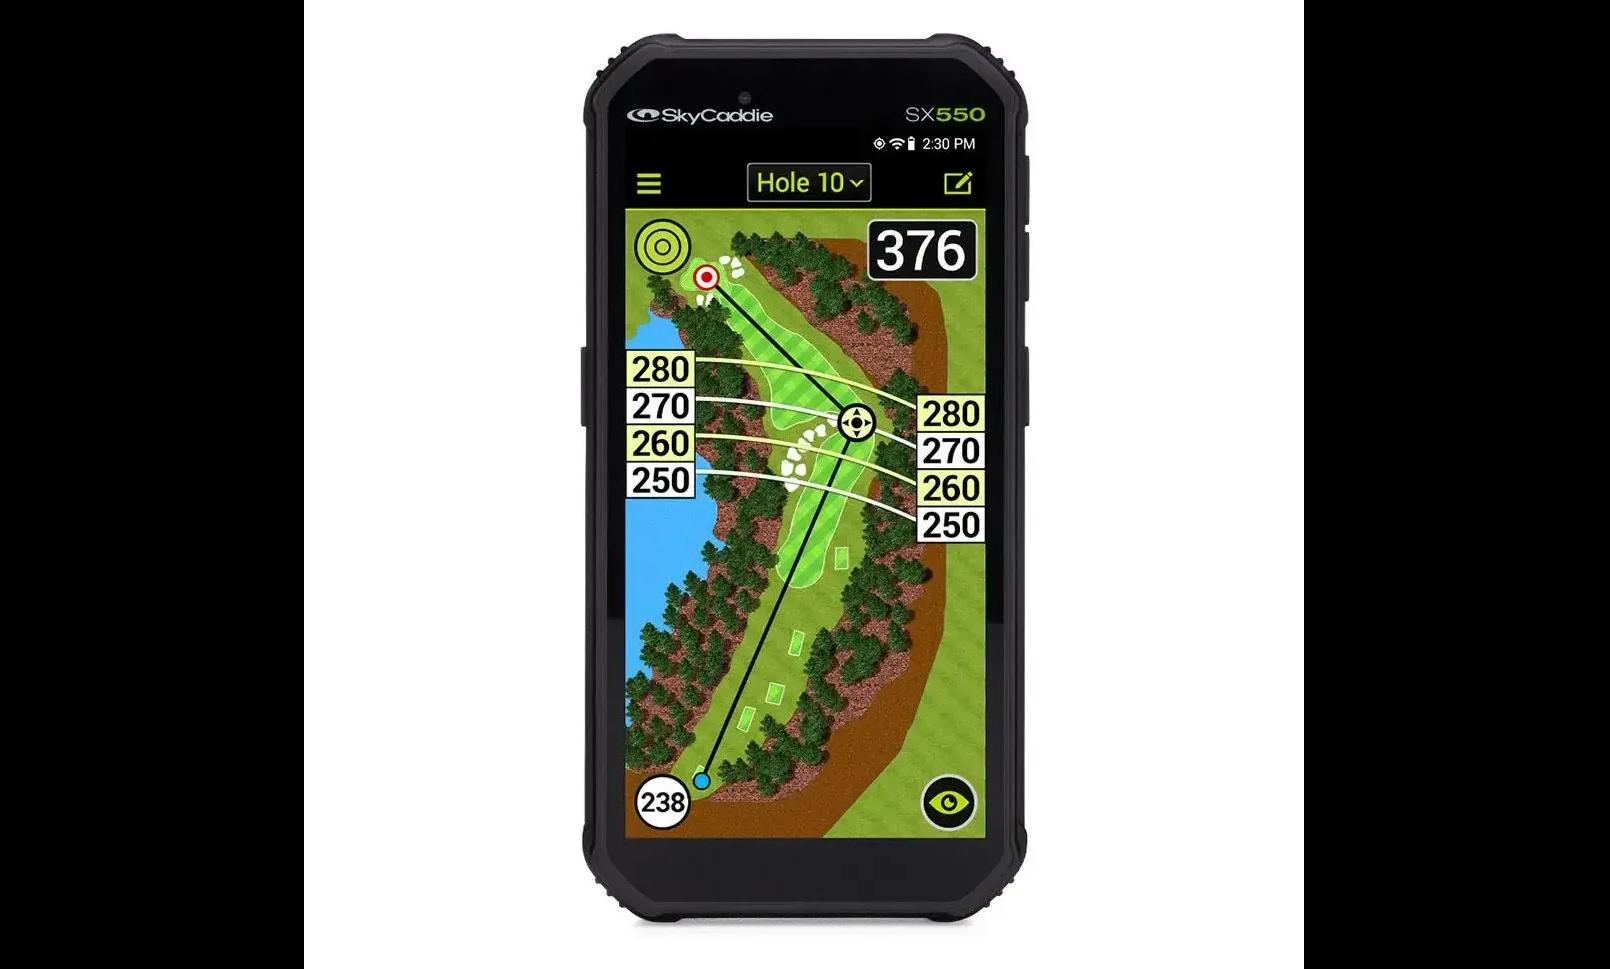 The SkyCaddie SX550 premium handheld golf GPS